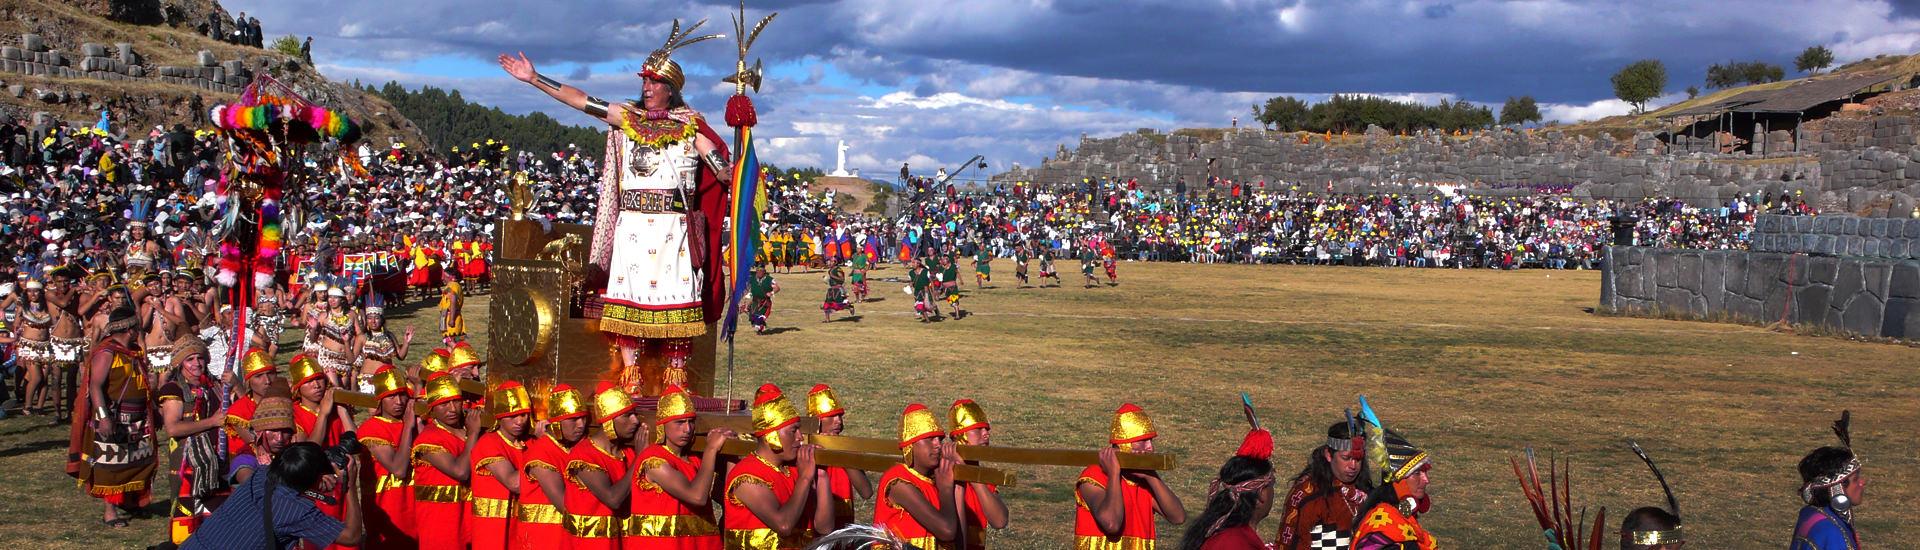 Festividad del Inti Raymi, Cusco | Arqueología del Perú | Historia,  Turismo, Arte , Inca, Prehispánico, Pre-Inca